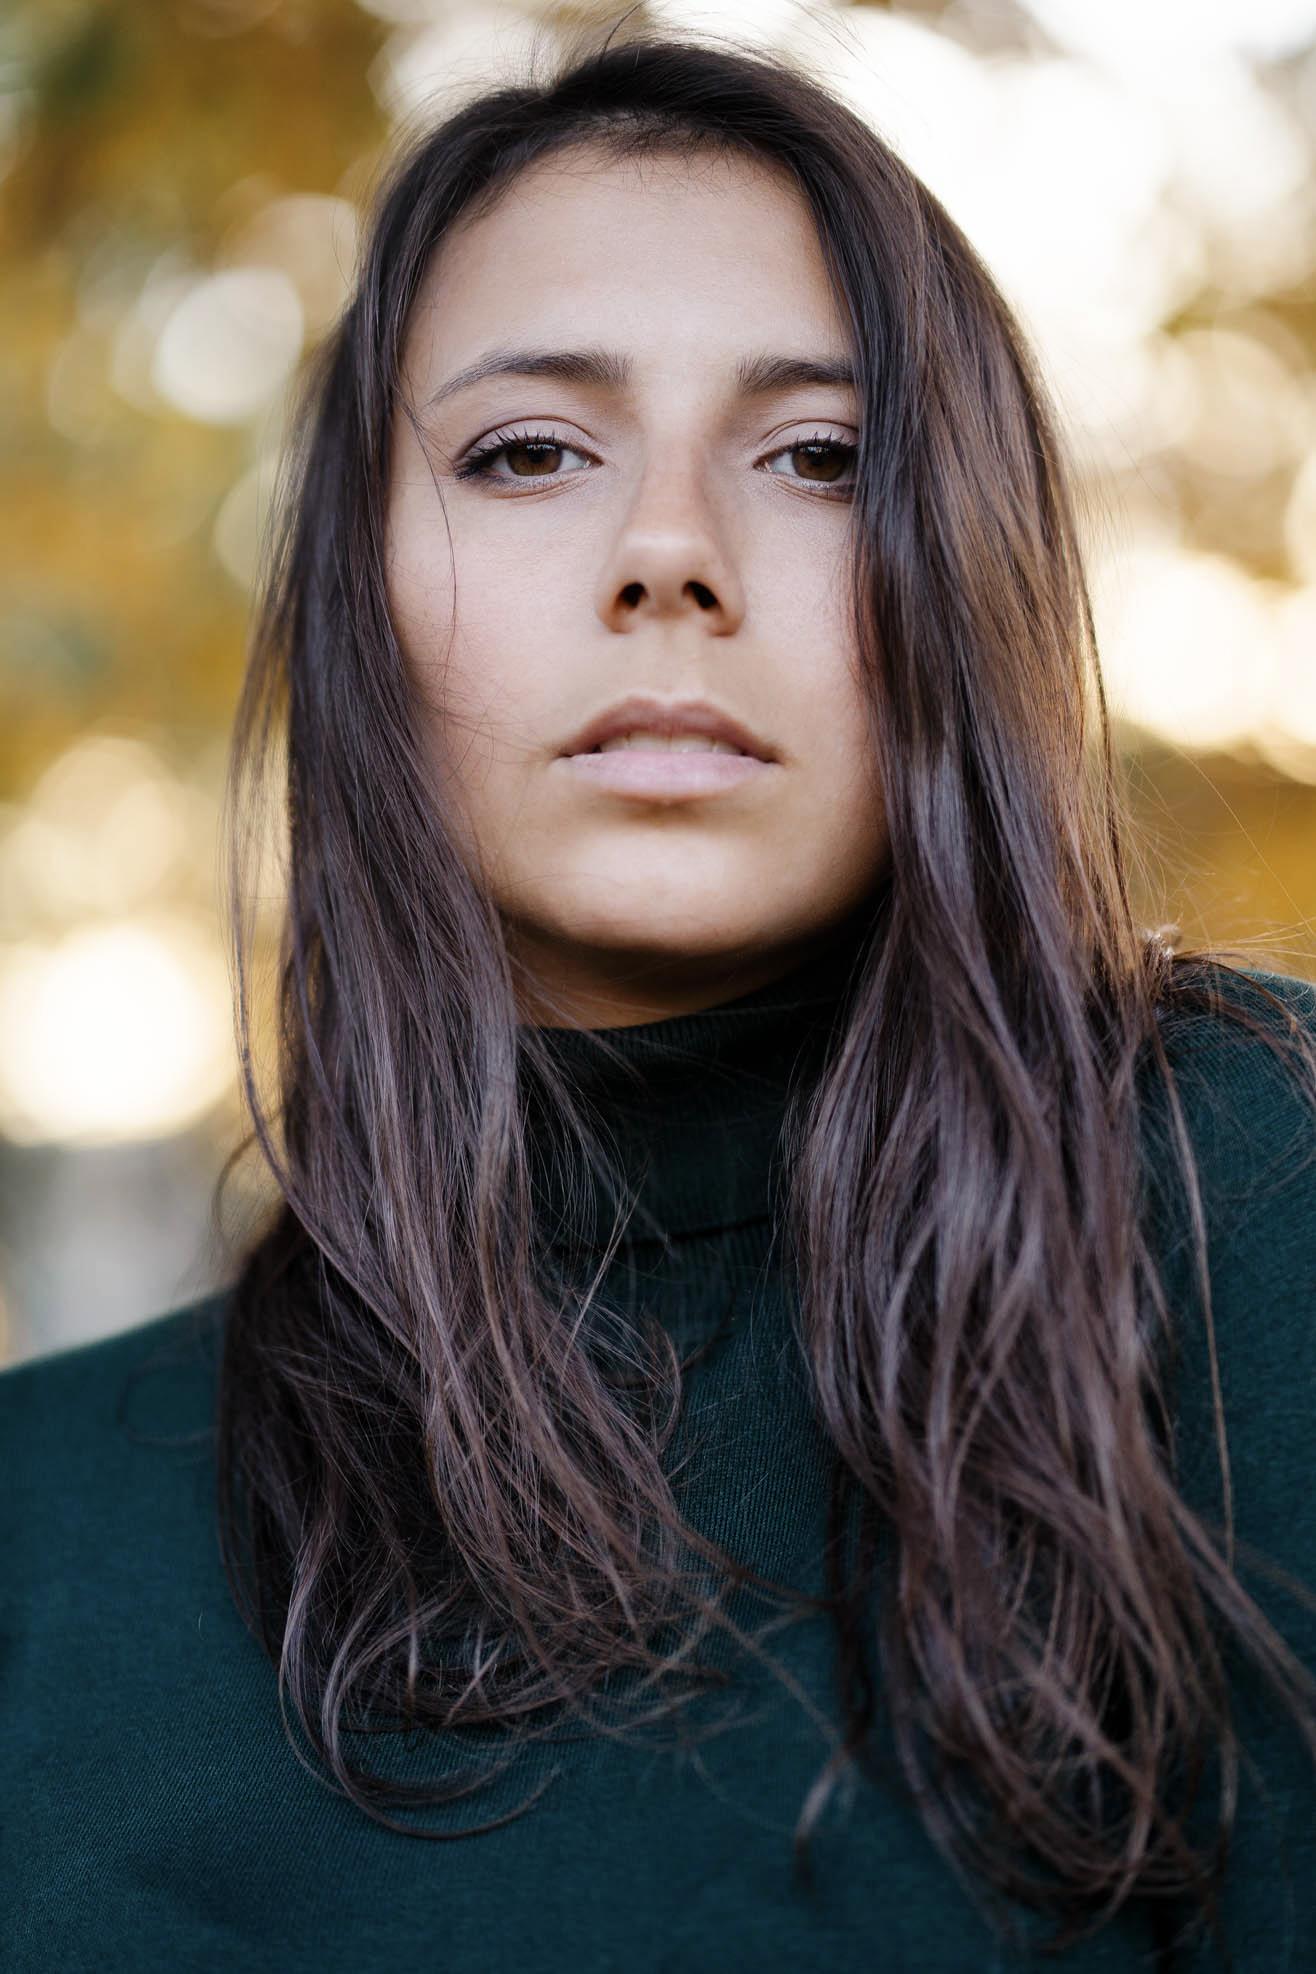 Laura-photographe-videaste-bruxelles-leleu-9.jpg